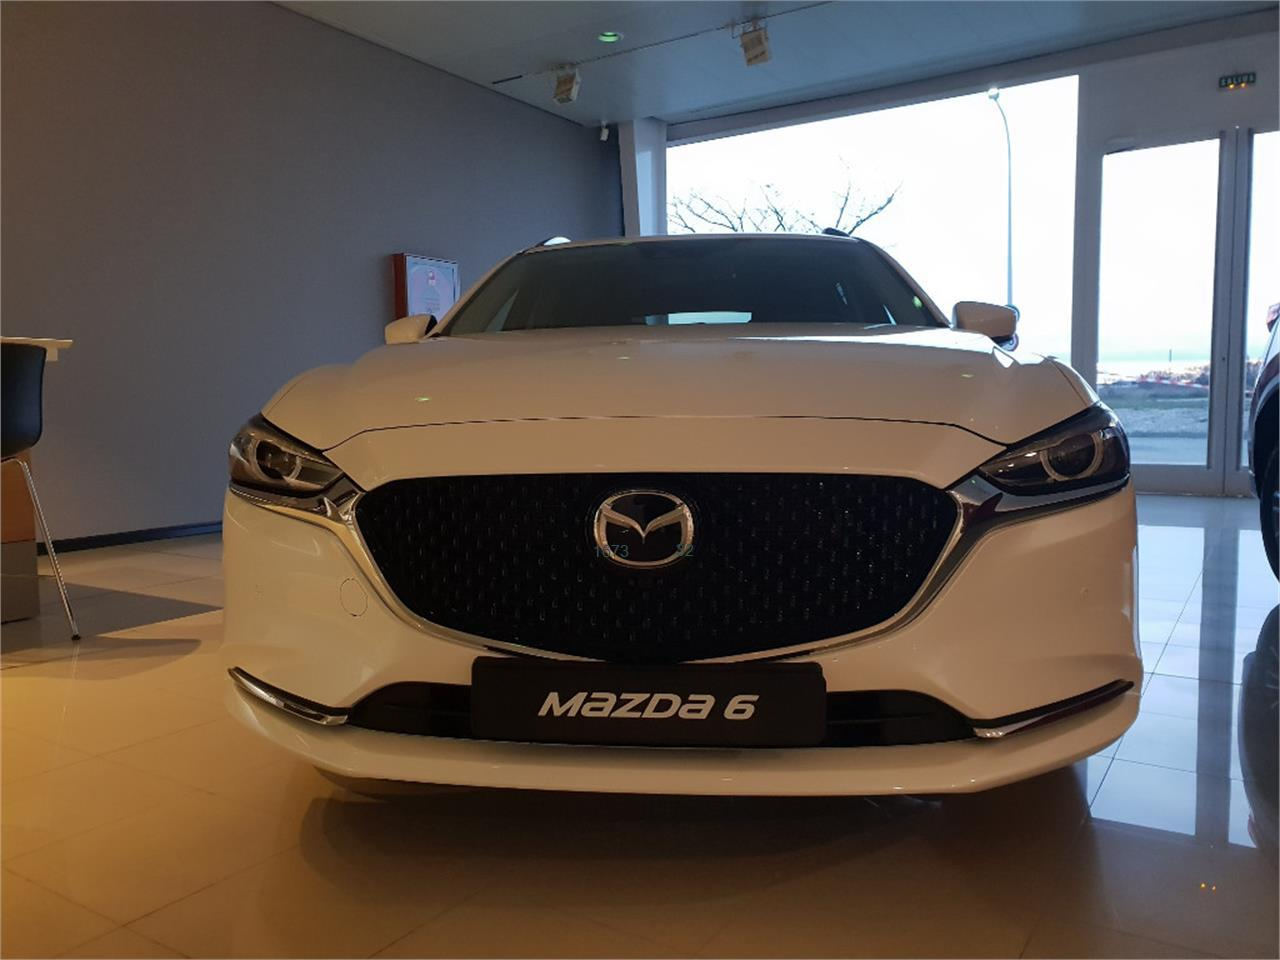 MAZDA Mazda6 de venta de venta por 27400